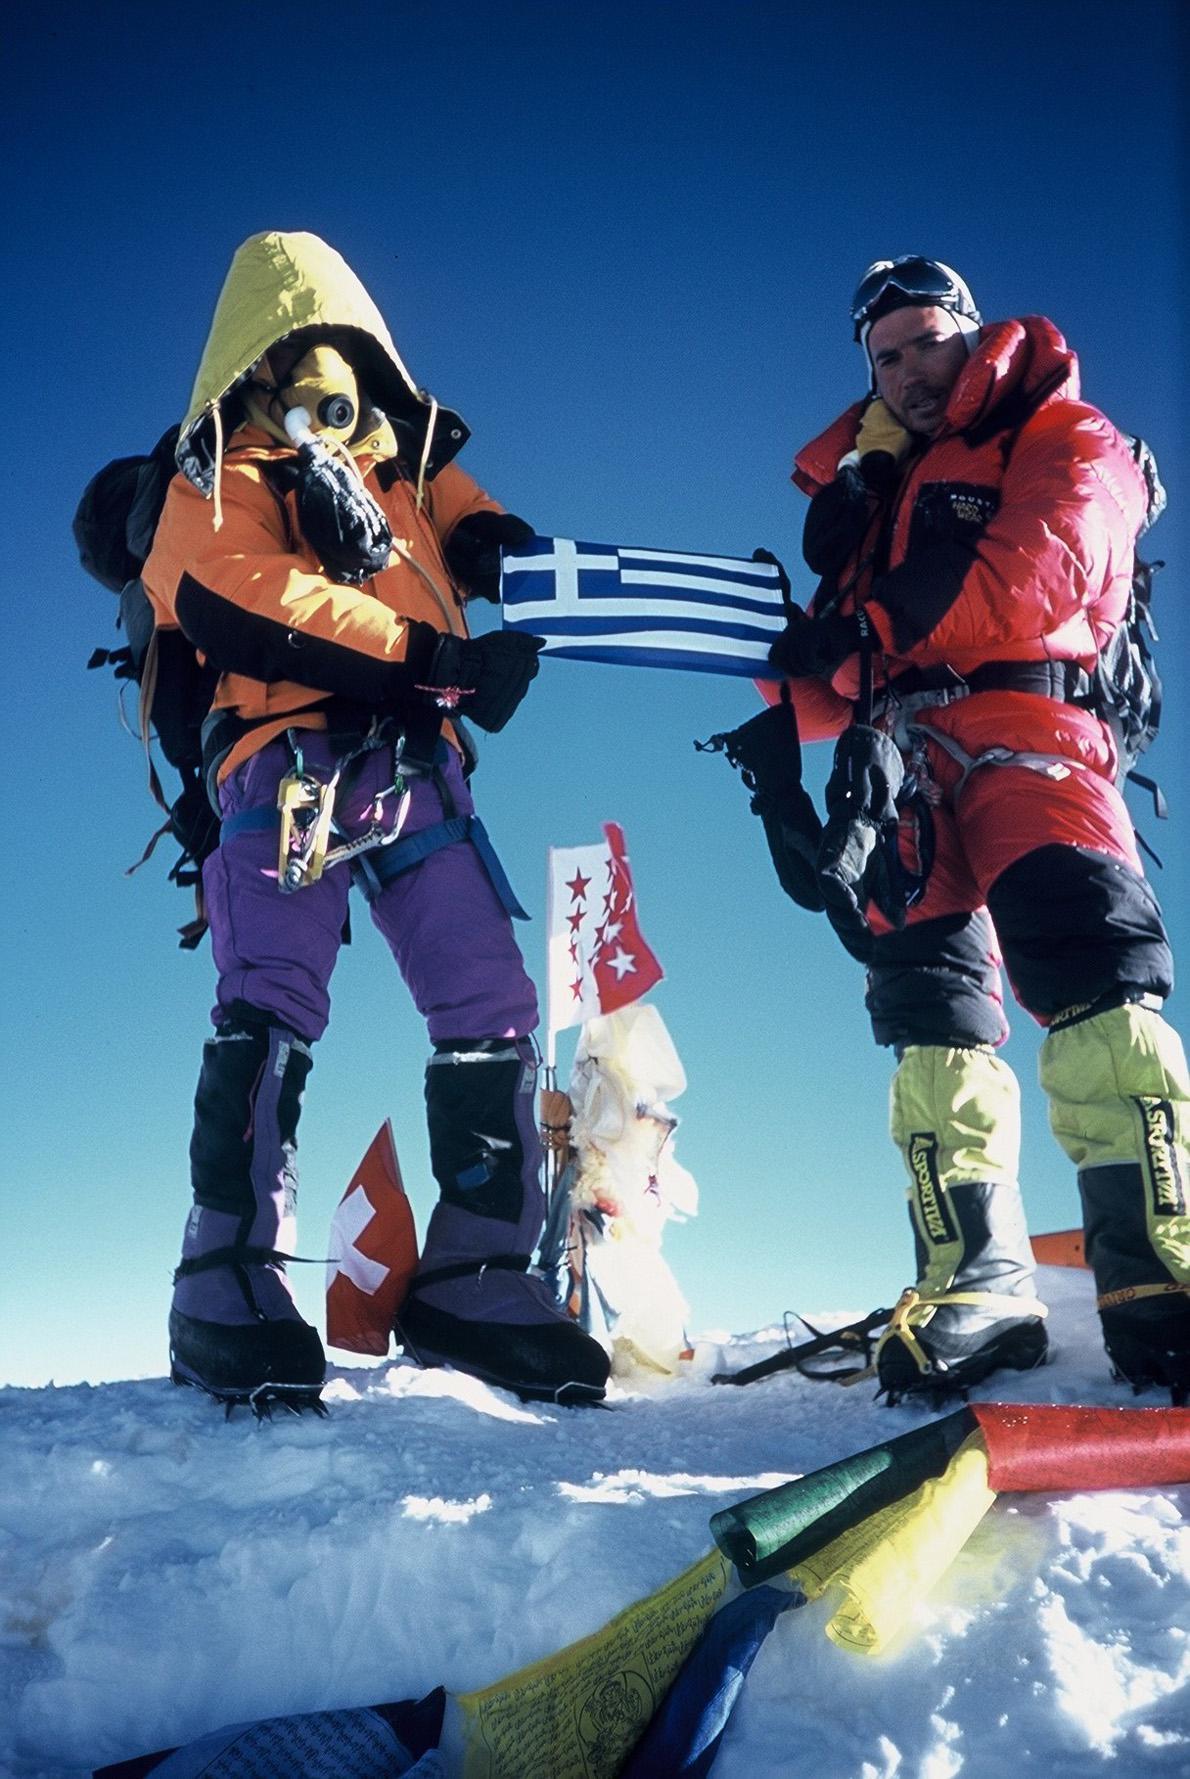 Ξημερώματα της 16ης Μαΐου 2004 στη κορυφή των κορυφών ο Γιώργος Βουτυρόπουλος (δεξιά με τα κόκκινα) σε ένα ενσταντανέ ζωής με τον Νεπαλέζο Pema Sherpa. «Έμεινα στην κορυφή 20 λεπτά. Ήταν πανέμορφα στο υπόφως του πρωινού», θυμάται. «Ύψωσα την ελληνική σημαία, φωτογραφήθηκα με αυτήν, άφησα και μια φωτογραφία του Χρήστου Μπαρούχα, που θα 'θελα να ήταν μαζί μας...»